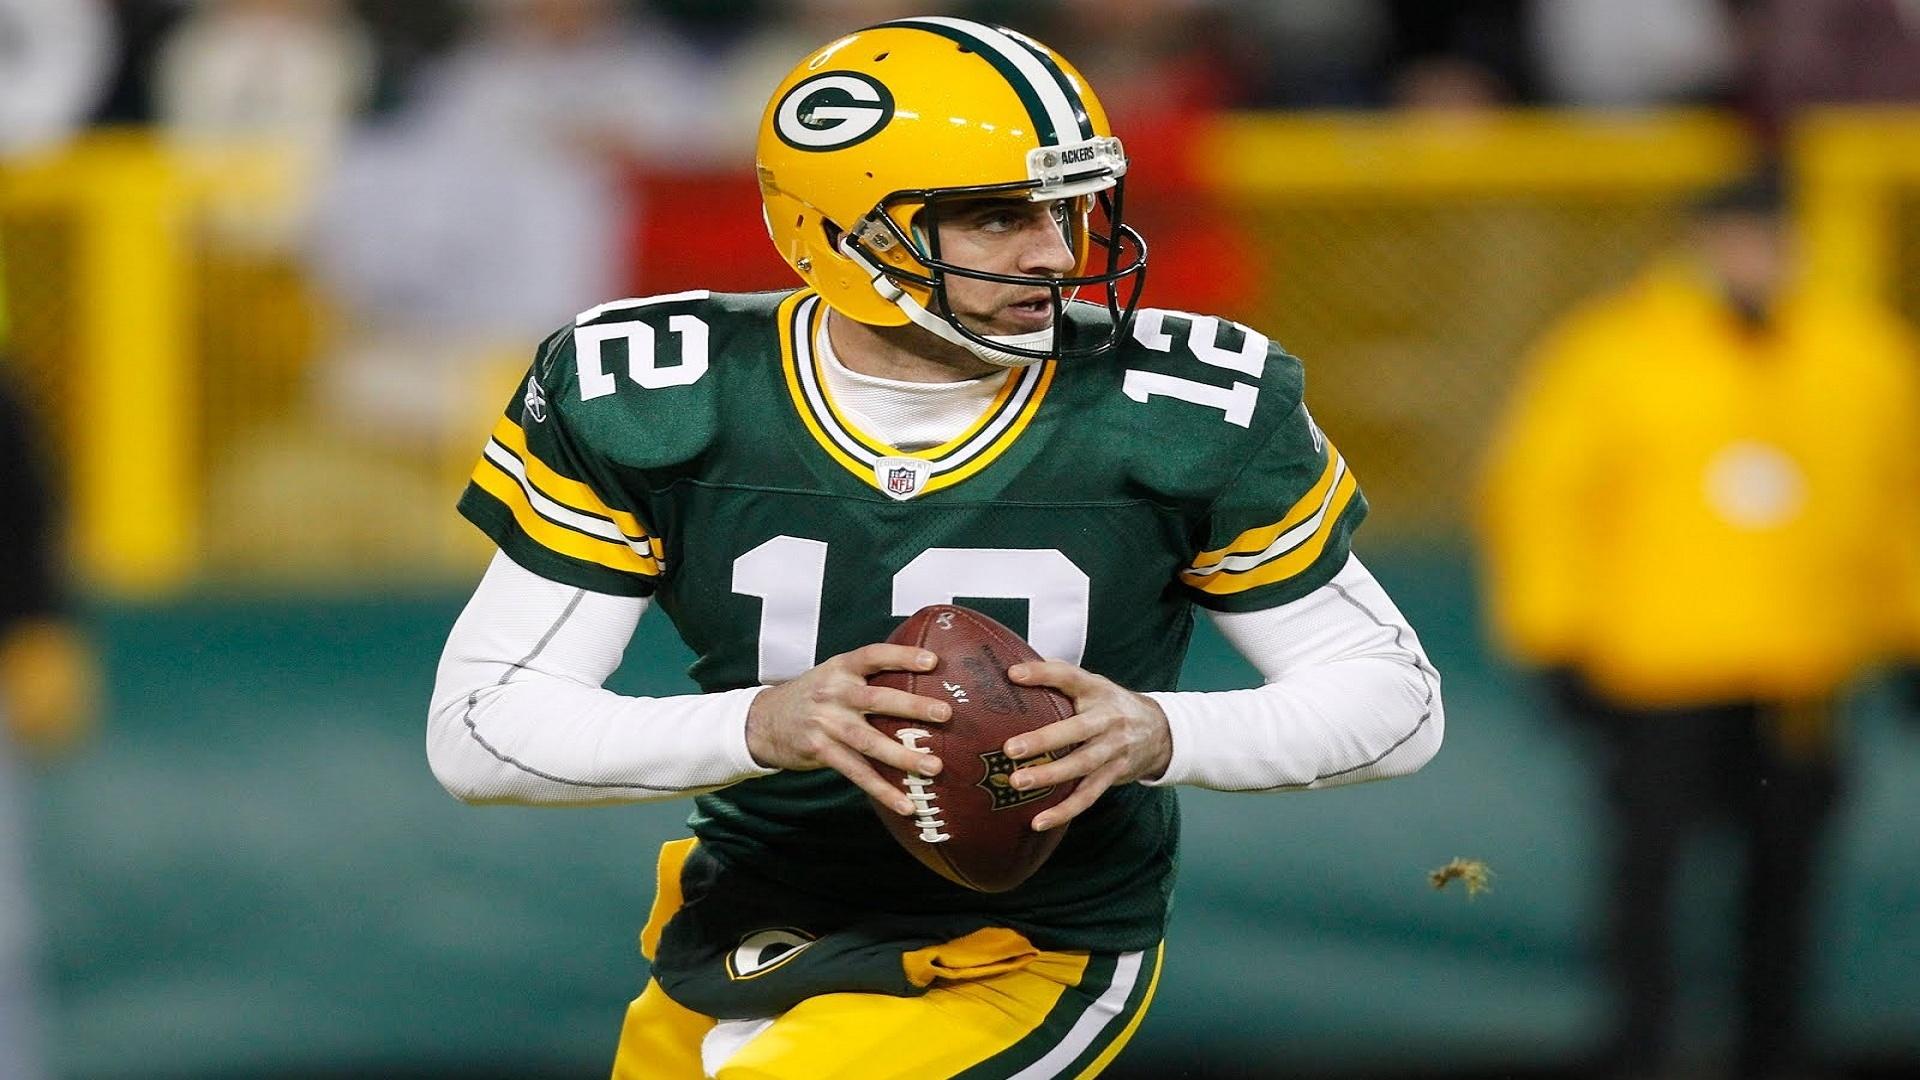 1920x1080 Football American Football Aaron Rodgers 1920x1080